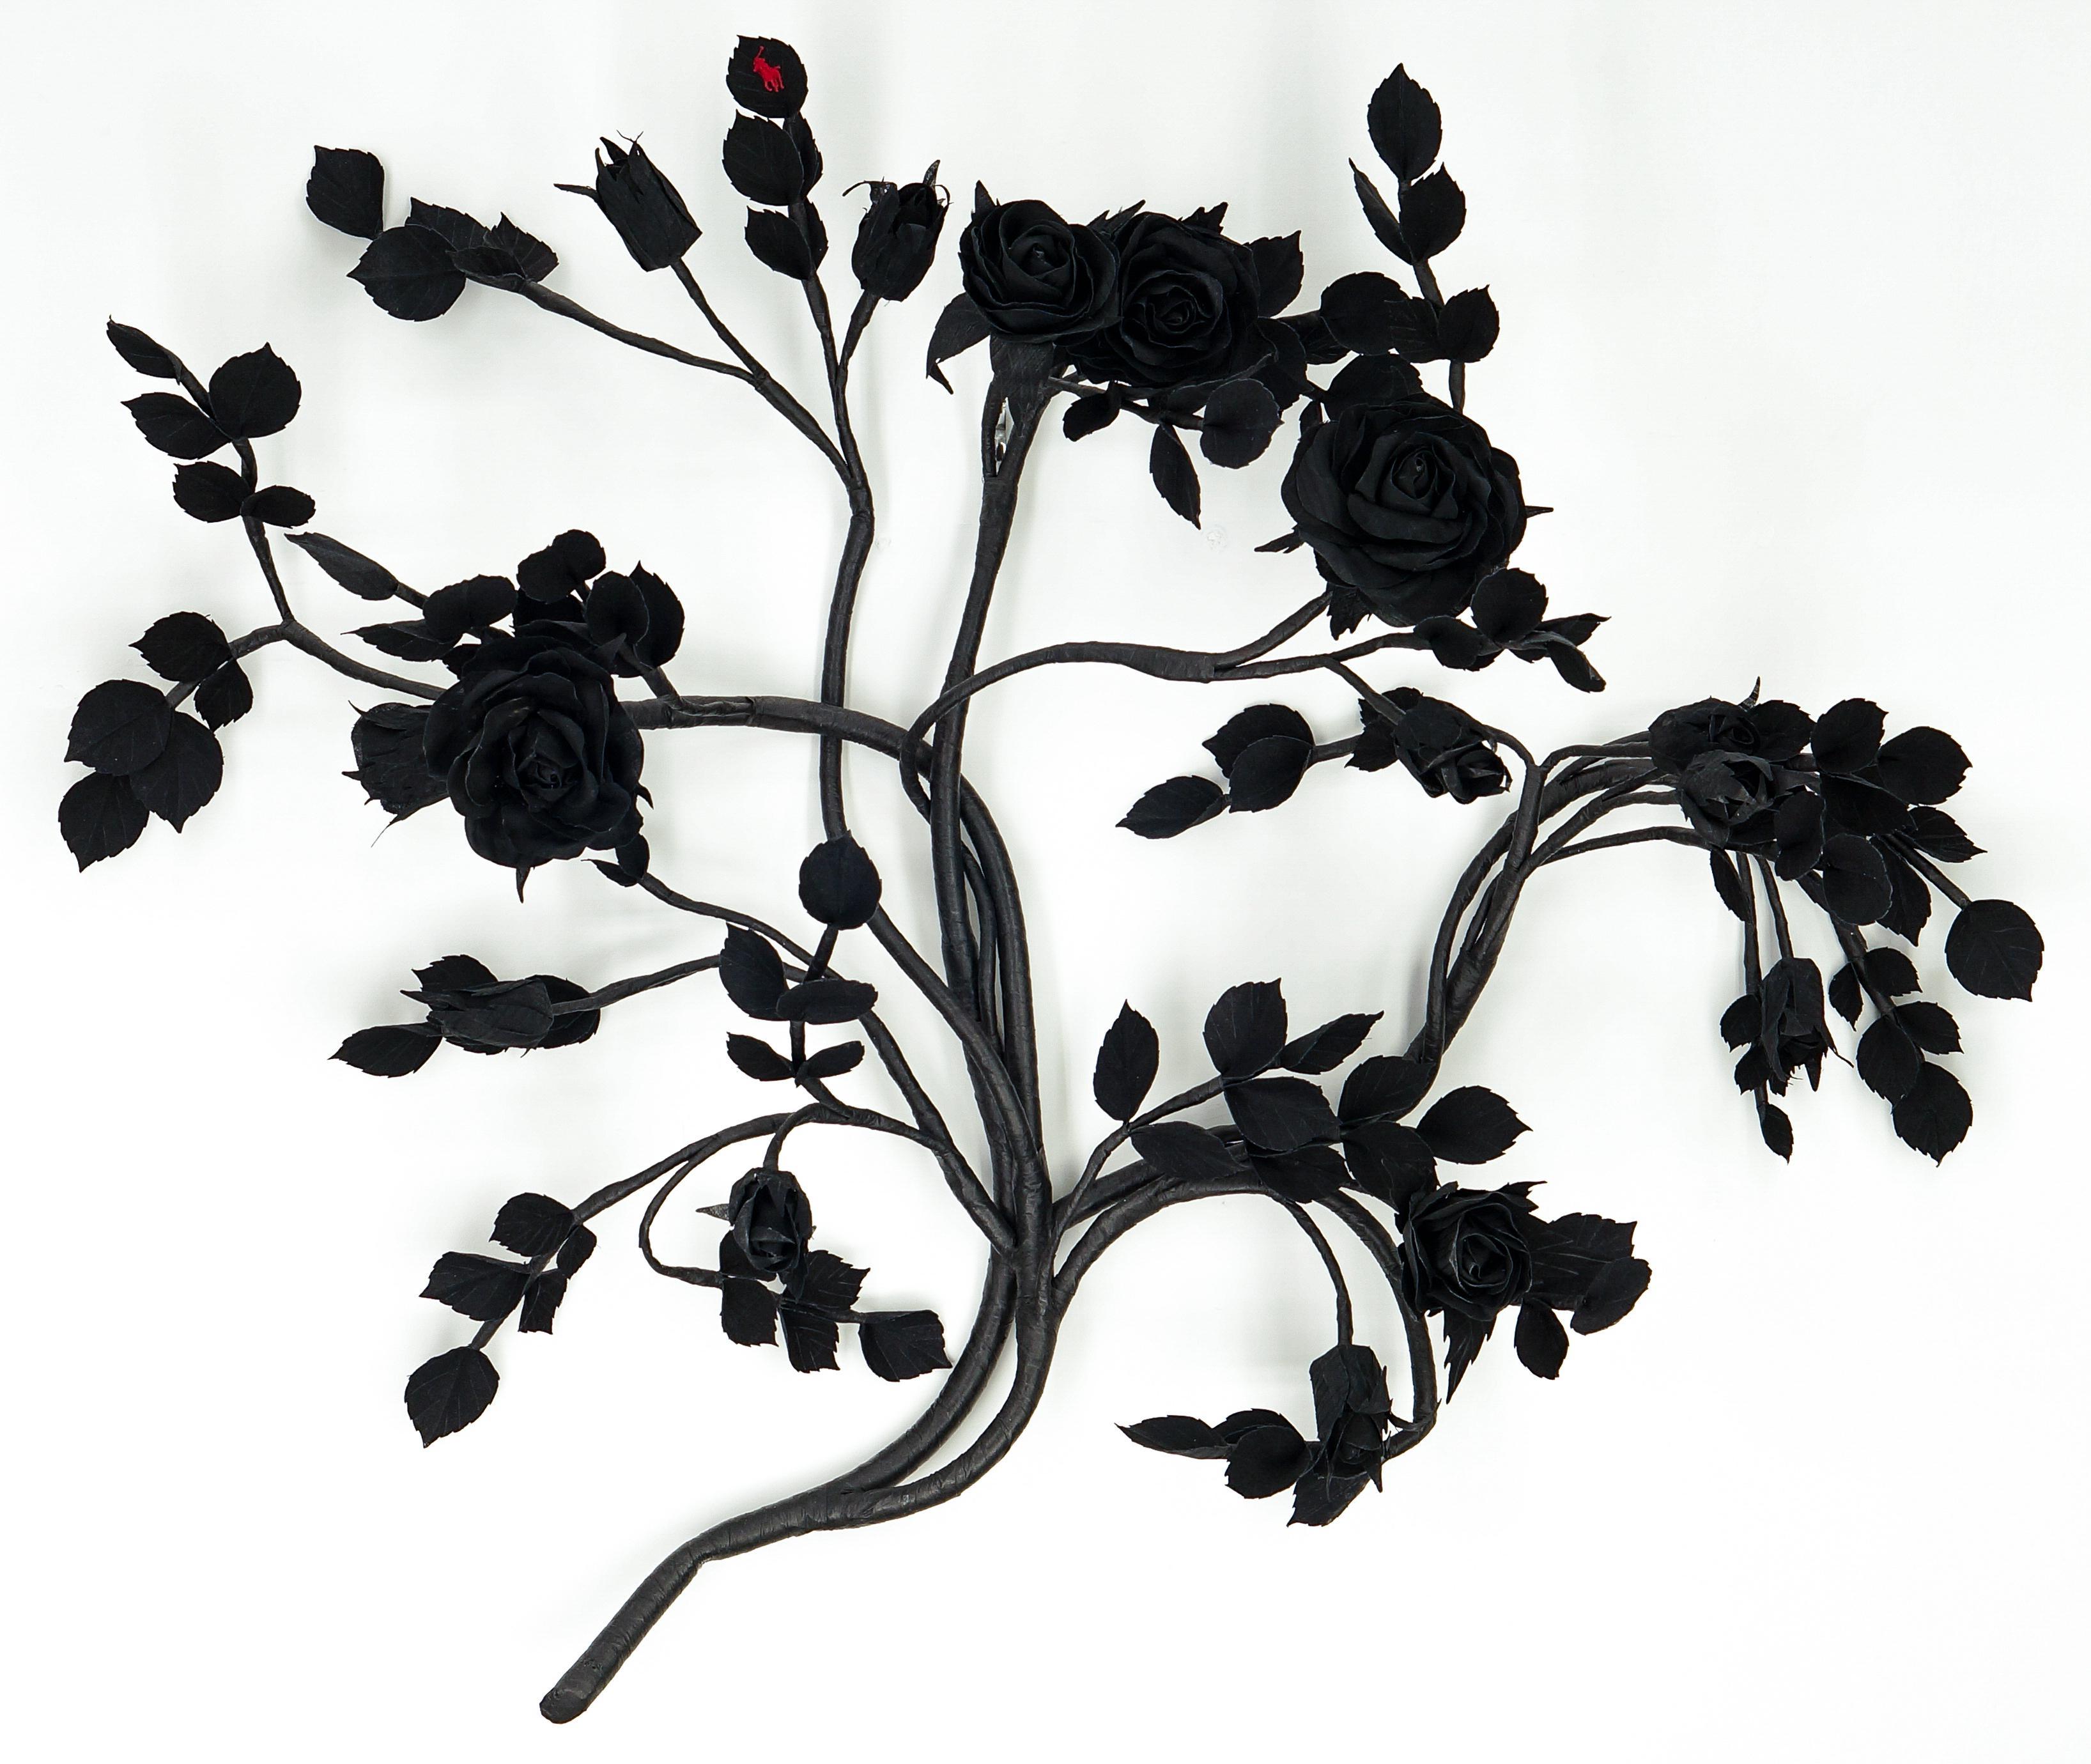 Branded Rose (Black on Black)